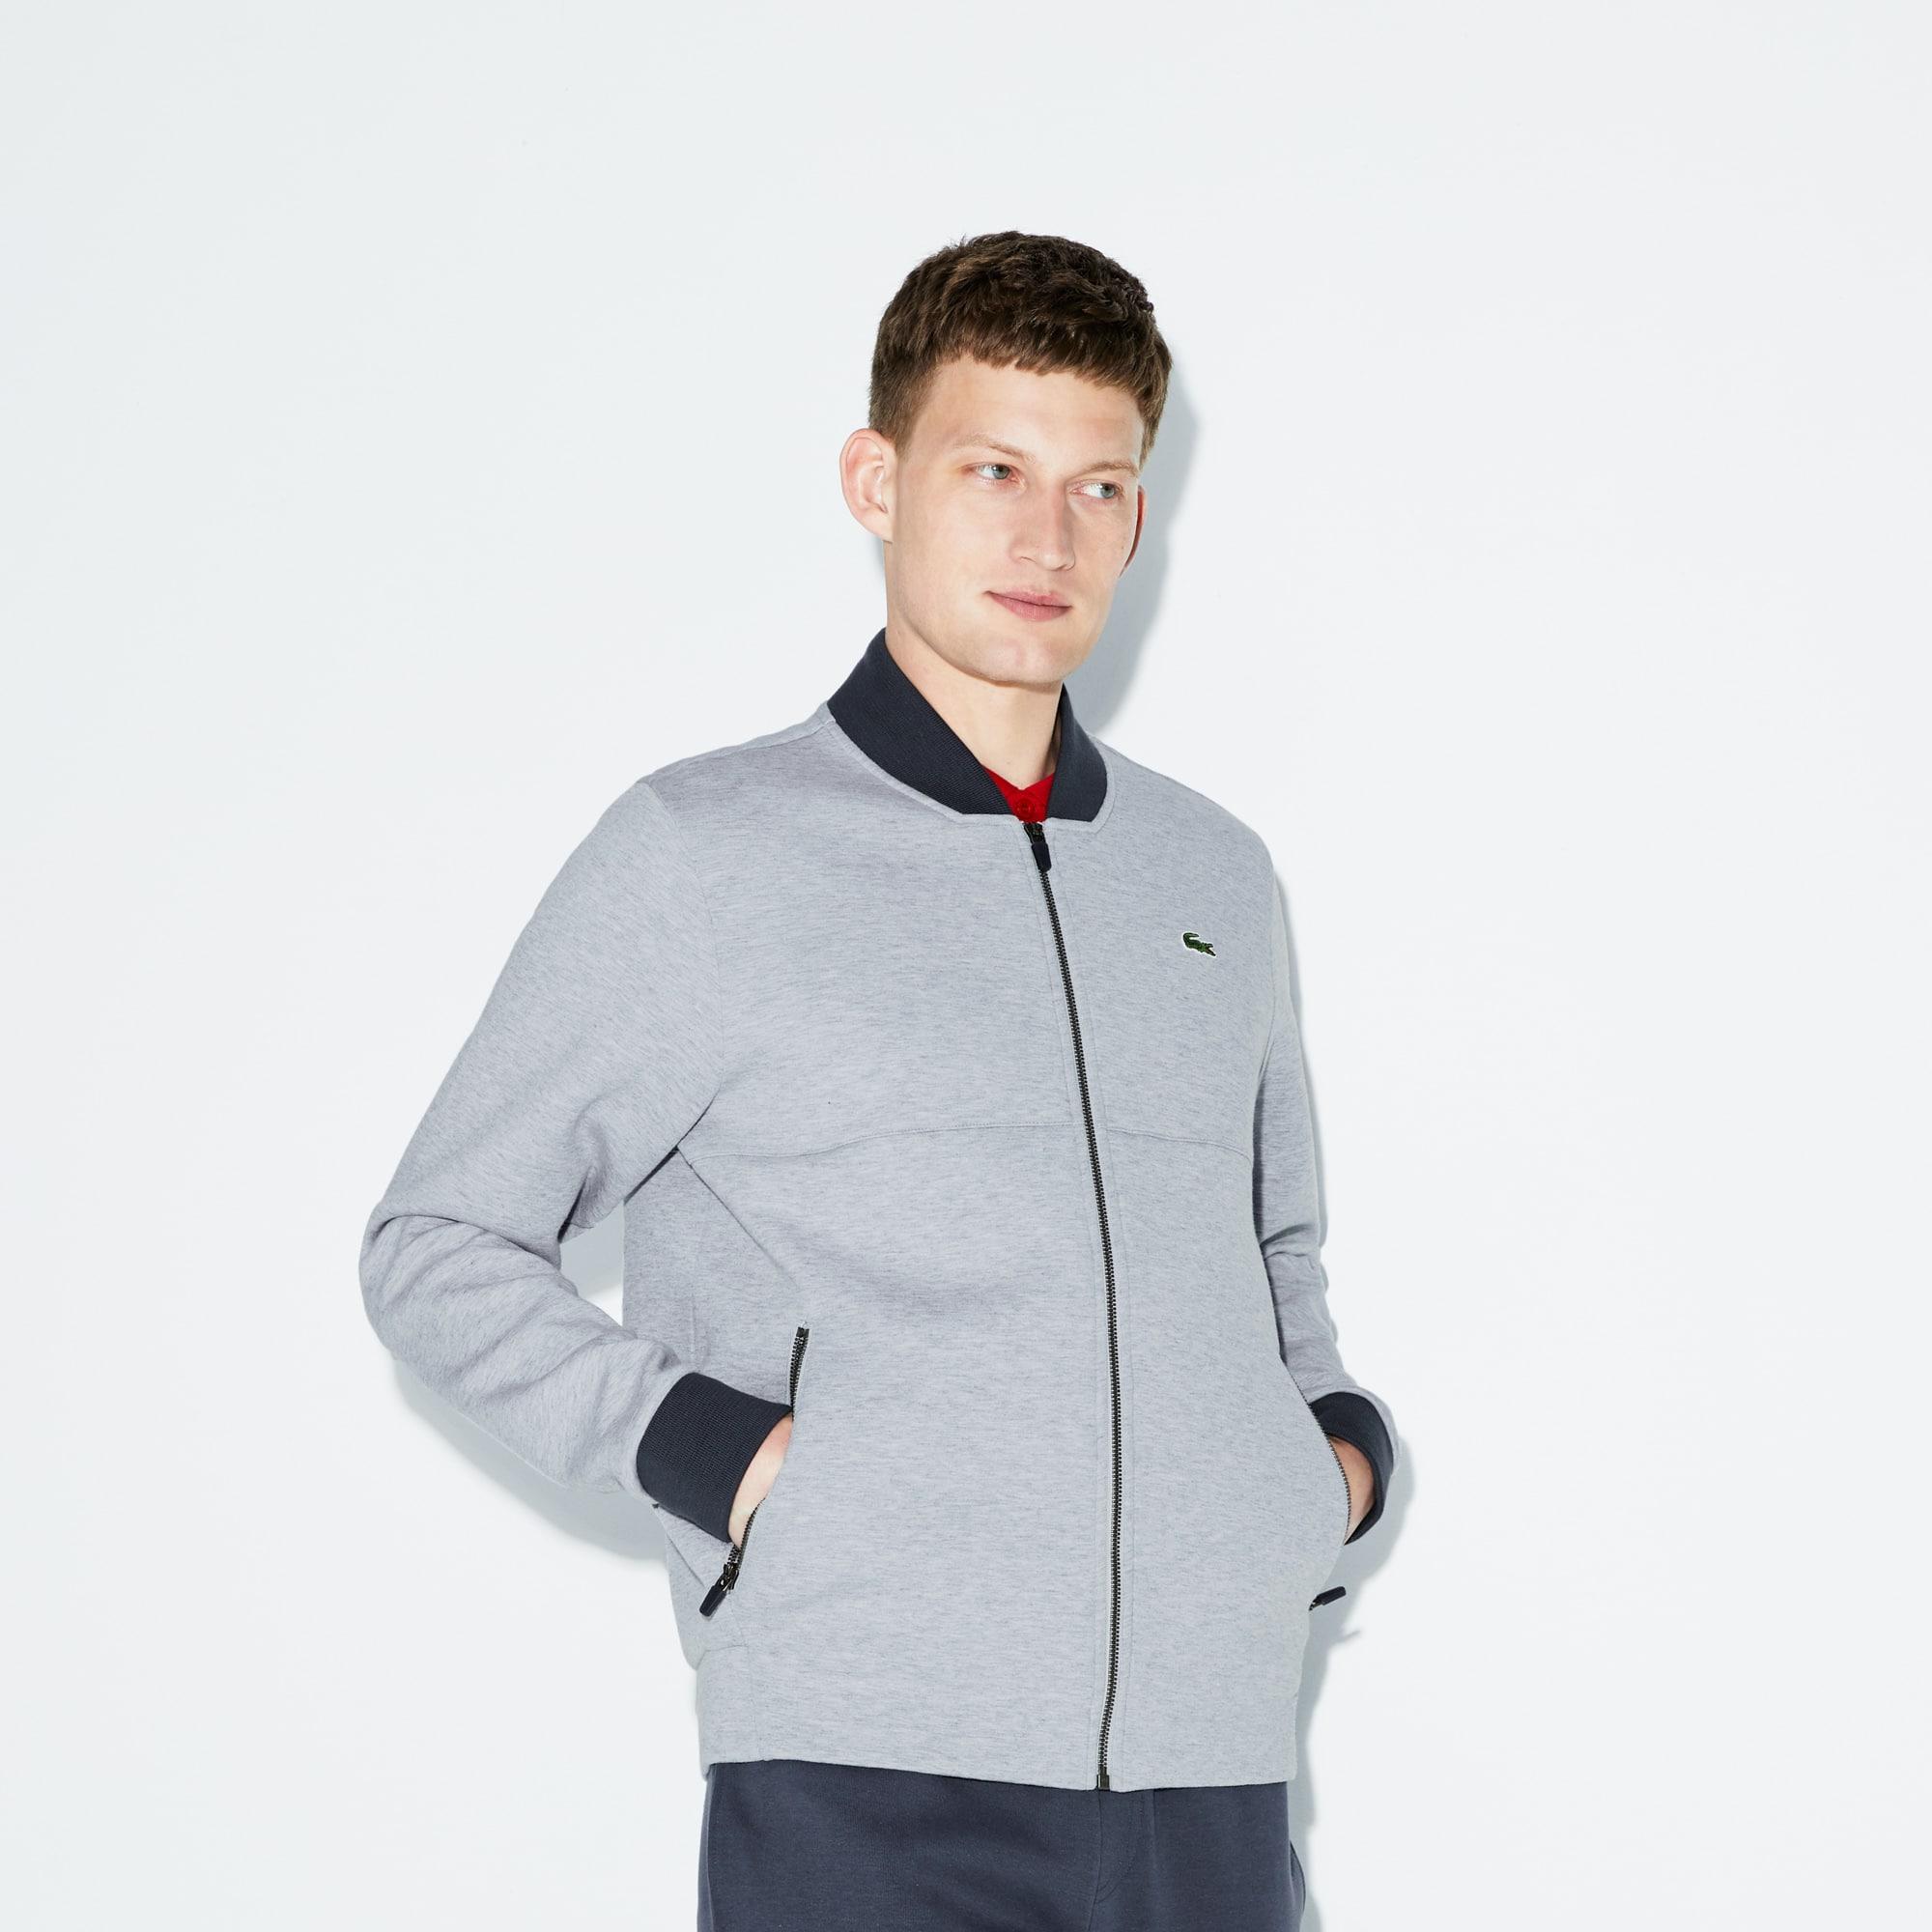 Men's SPORT Banana Neck Fleece Tennis Sweatshirt